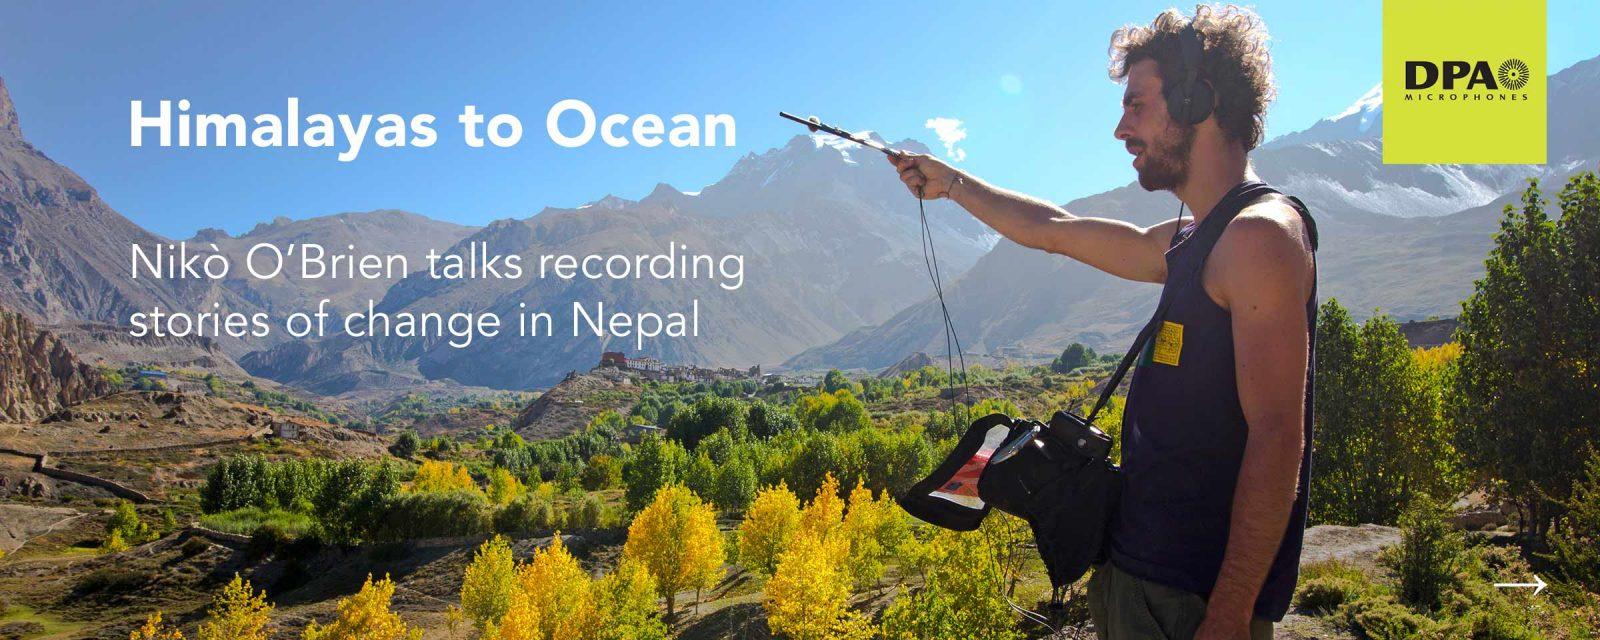 Himalayas to Ocean with Nikò O'Brien